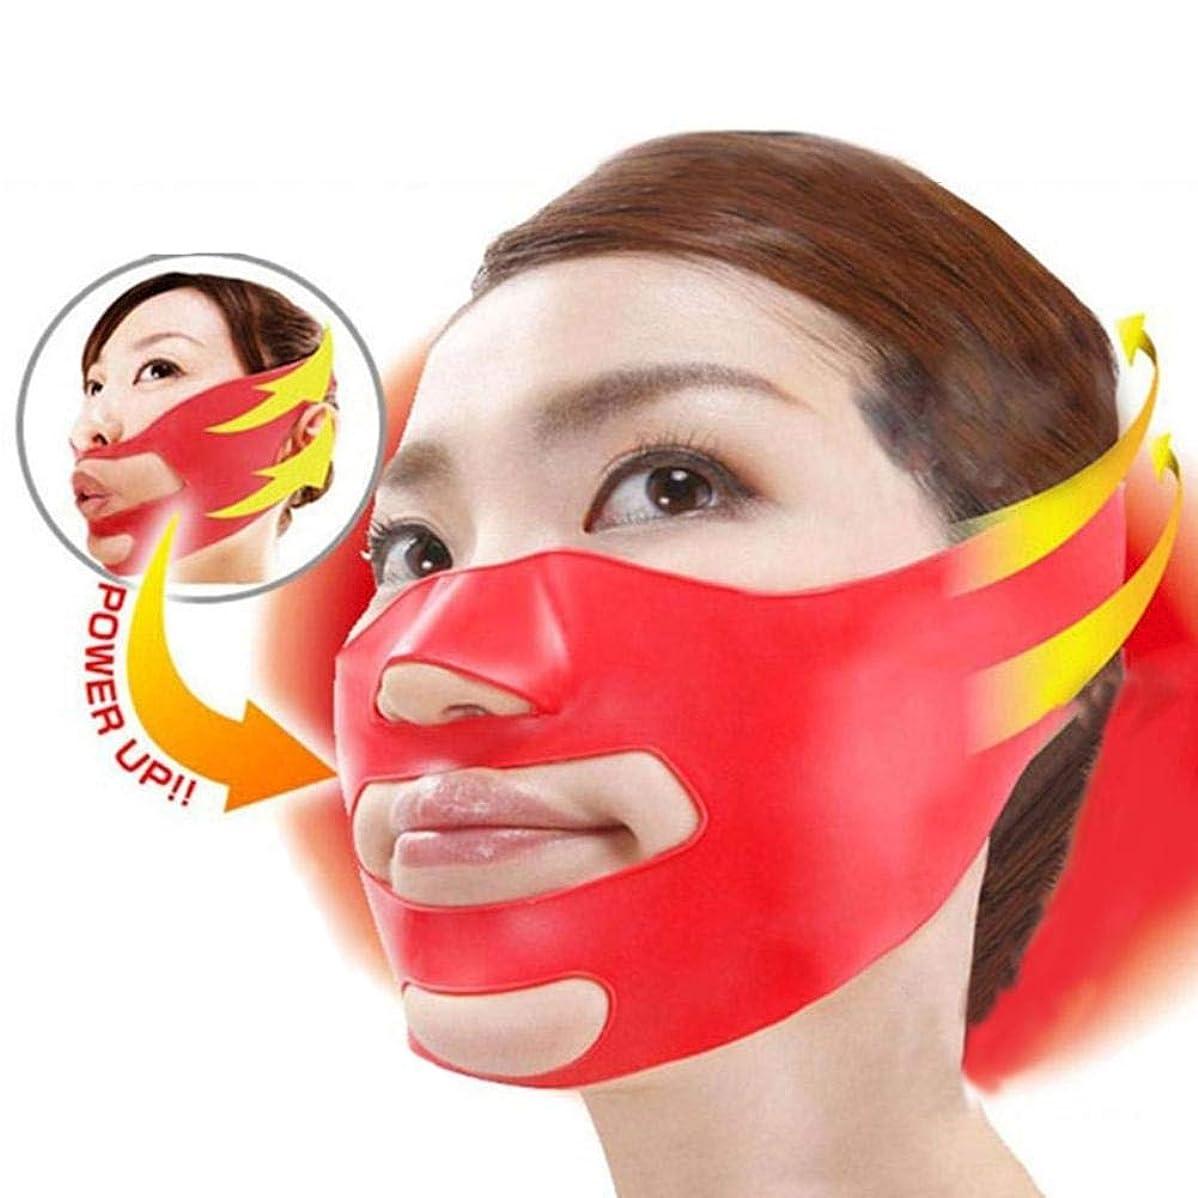 リール遠い銀行1ピース3dフェイスリフトツールフェイシャルシェイパーv頬リフトアップフェイスマスク痩身マスクベルト包帯成形整形スリム女性美容ツール